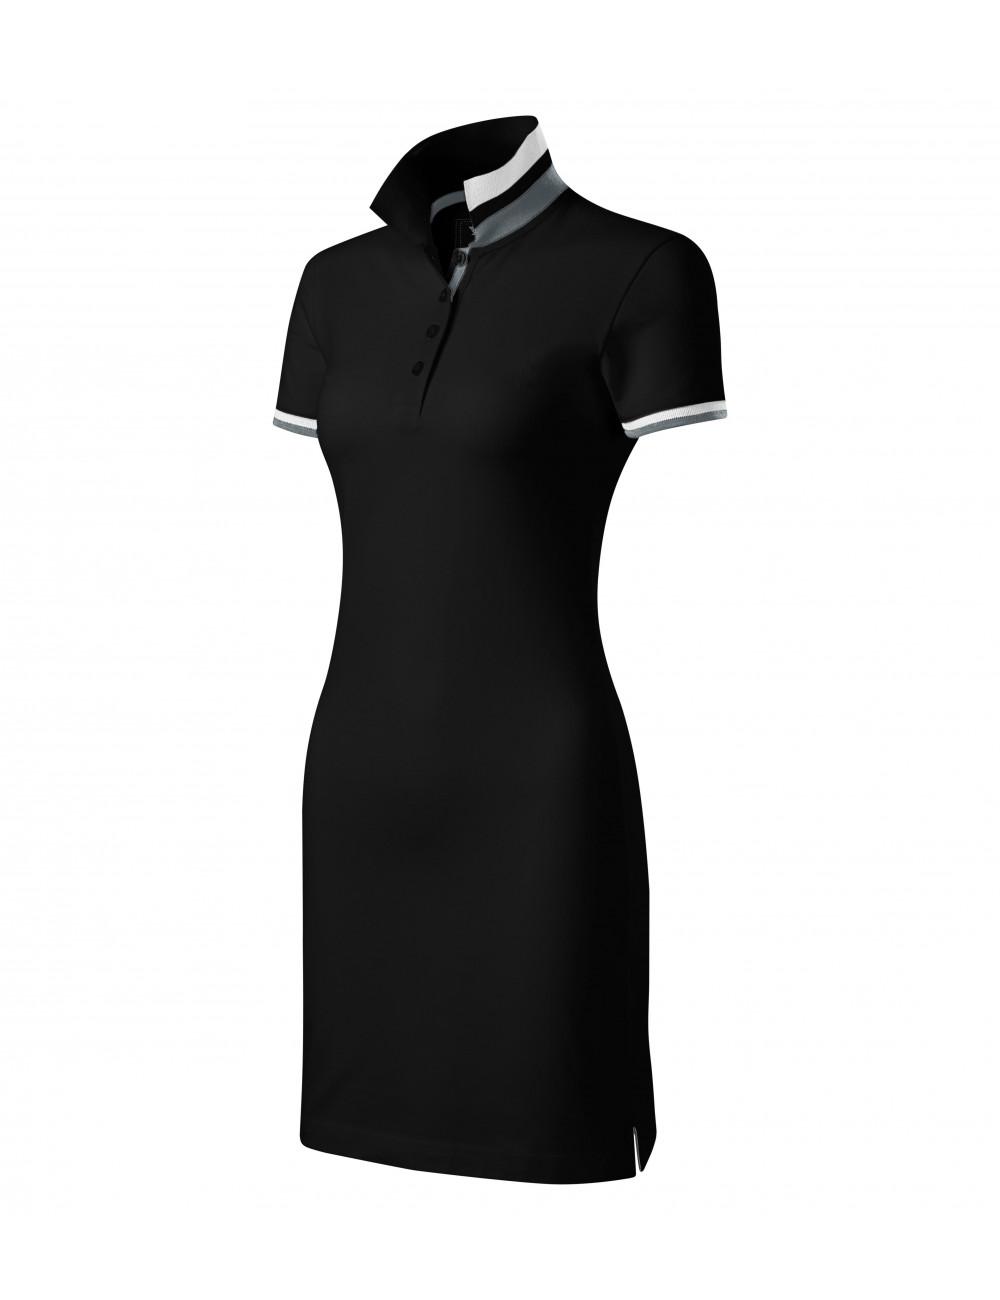 Adler MALFINIPREMIUM Sukienka damskie Dress up 271 czarny